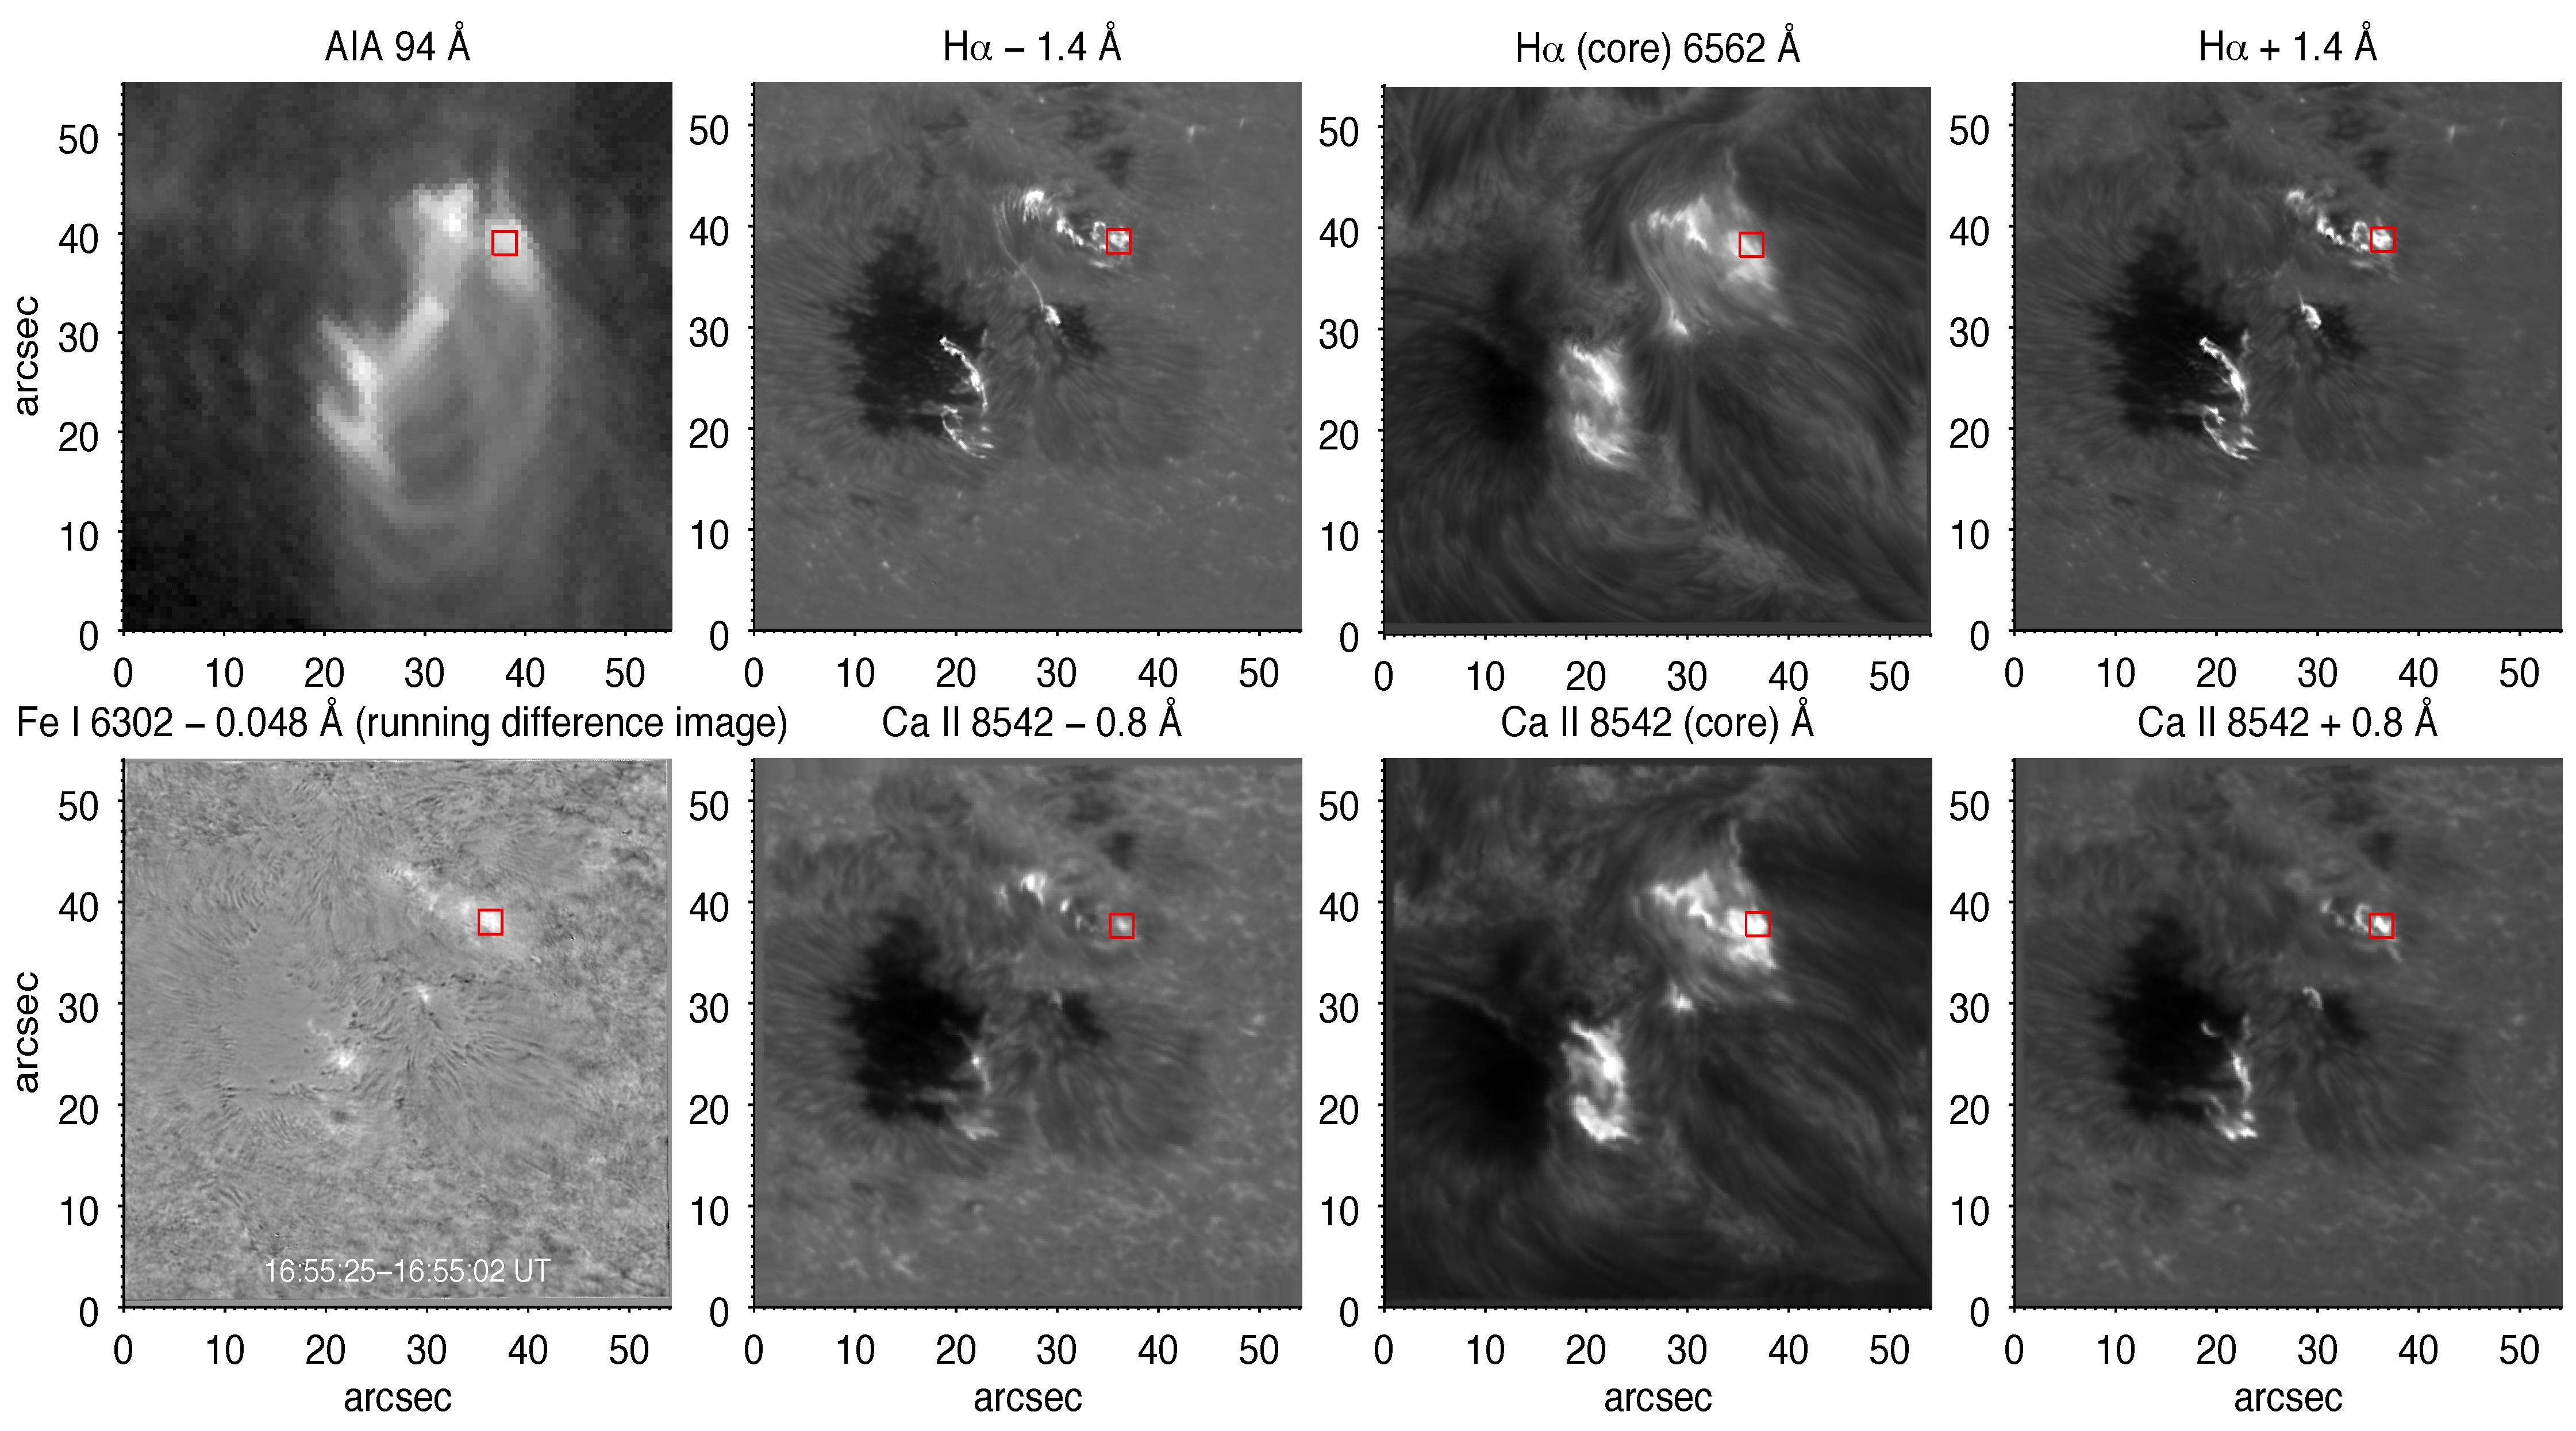 წყალბადის (Hα 6563 Å), ინფრაწითელი კალციუმის (Ca ıı 8542 Å) და რკინის (Fe I λ6302 Å) ხაზებში დაკვირვებული M-კლასის მზის ანთების სურათები მიღებული შვედურ, ერთმეტრიან მზის ტელესკოპზე ფაბრი-პერო ტიპის სპექტროგრაფით. ფიგურის მარჯვენა ზედა კუთხეში ასევე მოცემულია მზის დინამიკური ობსერვატორიიდან (SDO) მიღებული კორონალური სურათი.